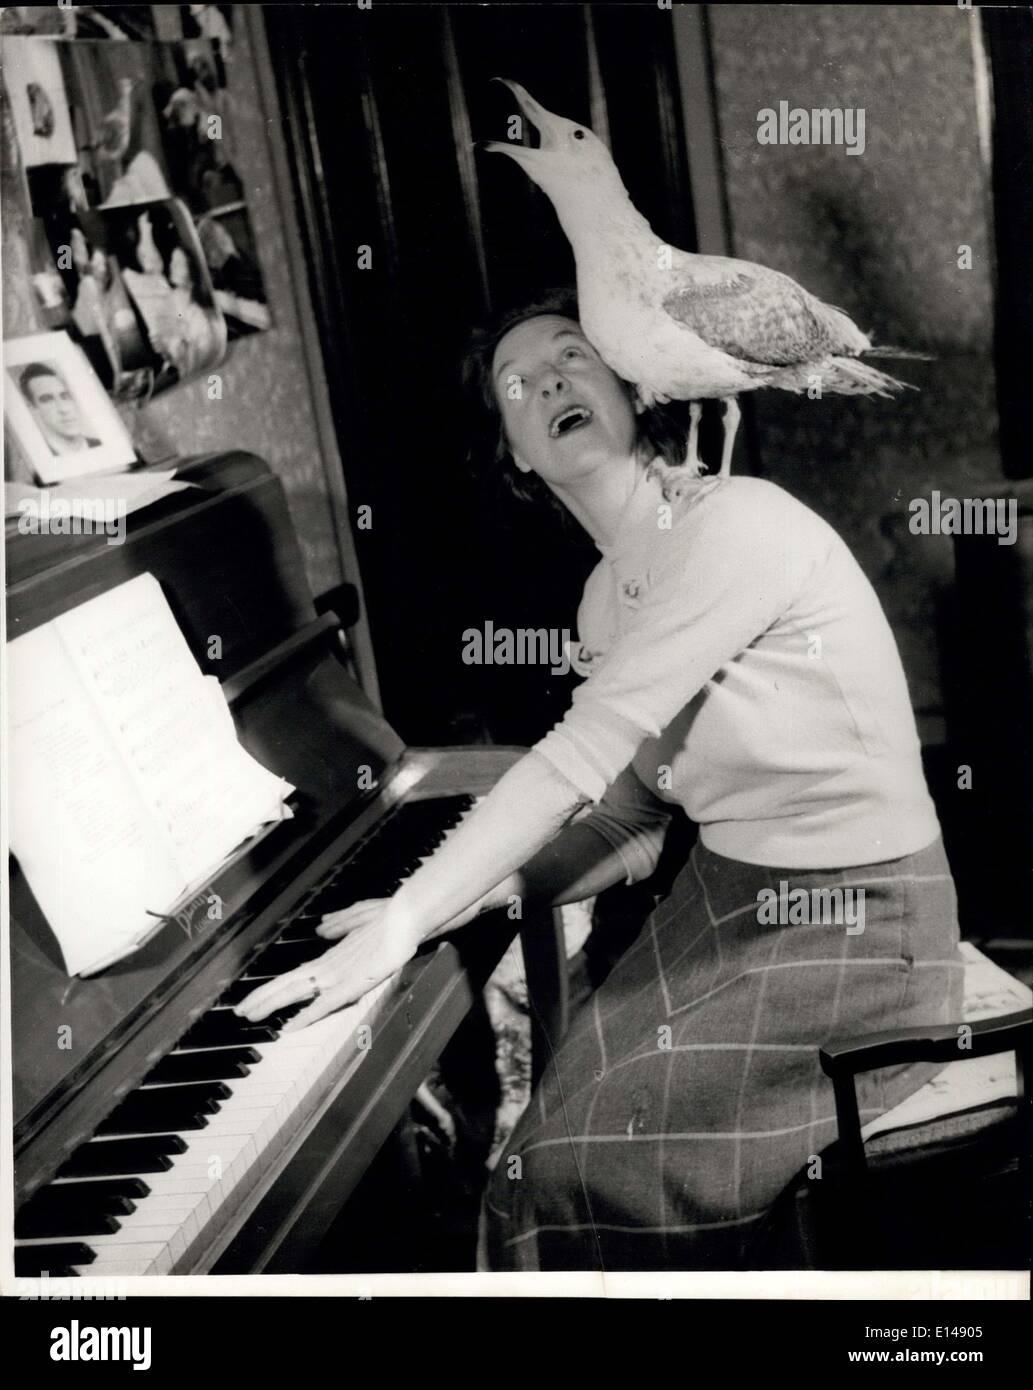 17. April 2012 - Peter ist eine musikalisch Gleichgesinnten Möwe und wenn Frau Thorner Klavier spielt sitzt er auf ihre Schulter und trällert. Stockbild